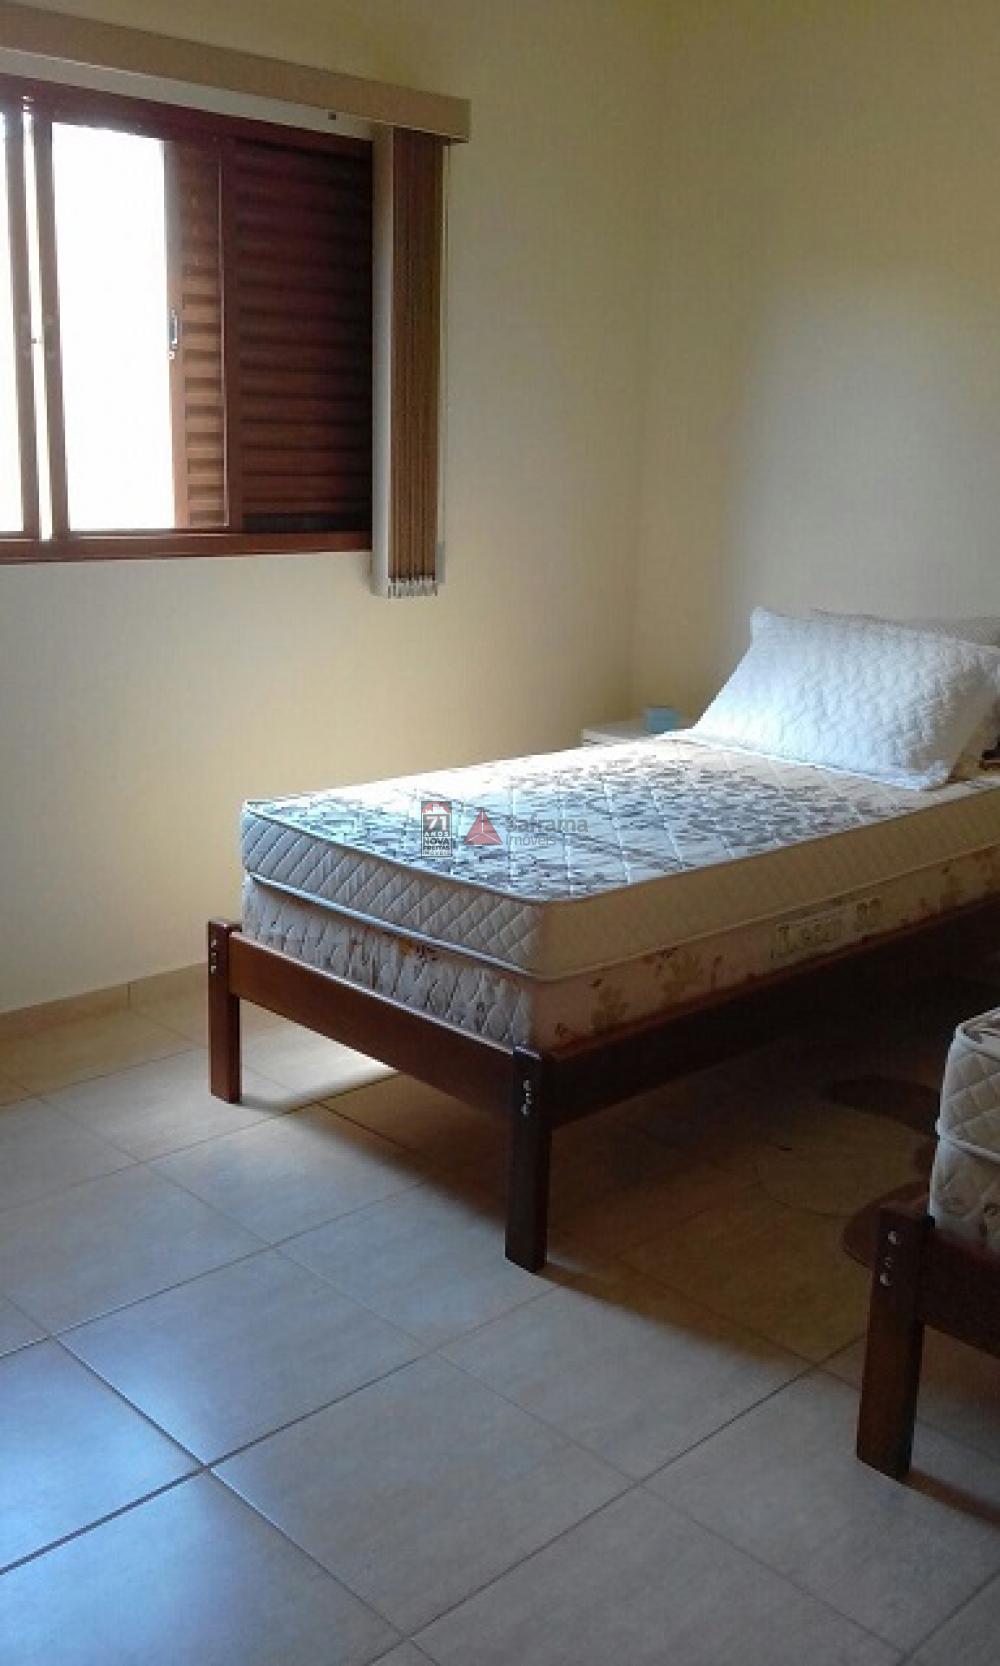 Comprar Casa / Padrão em Pindamonhangaba apenas R$ 590.000,00 - Foto 6